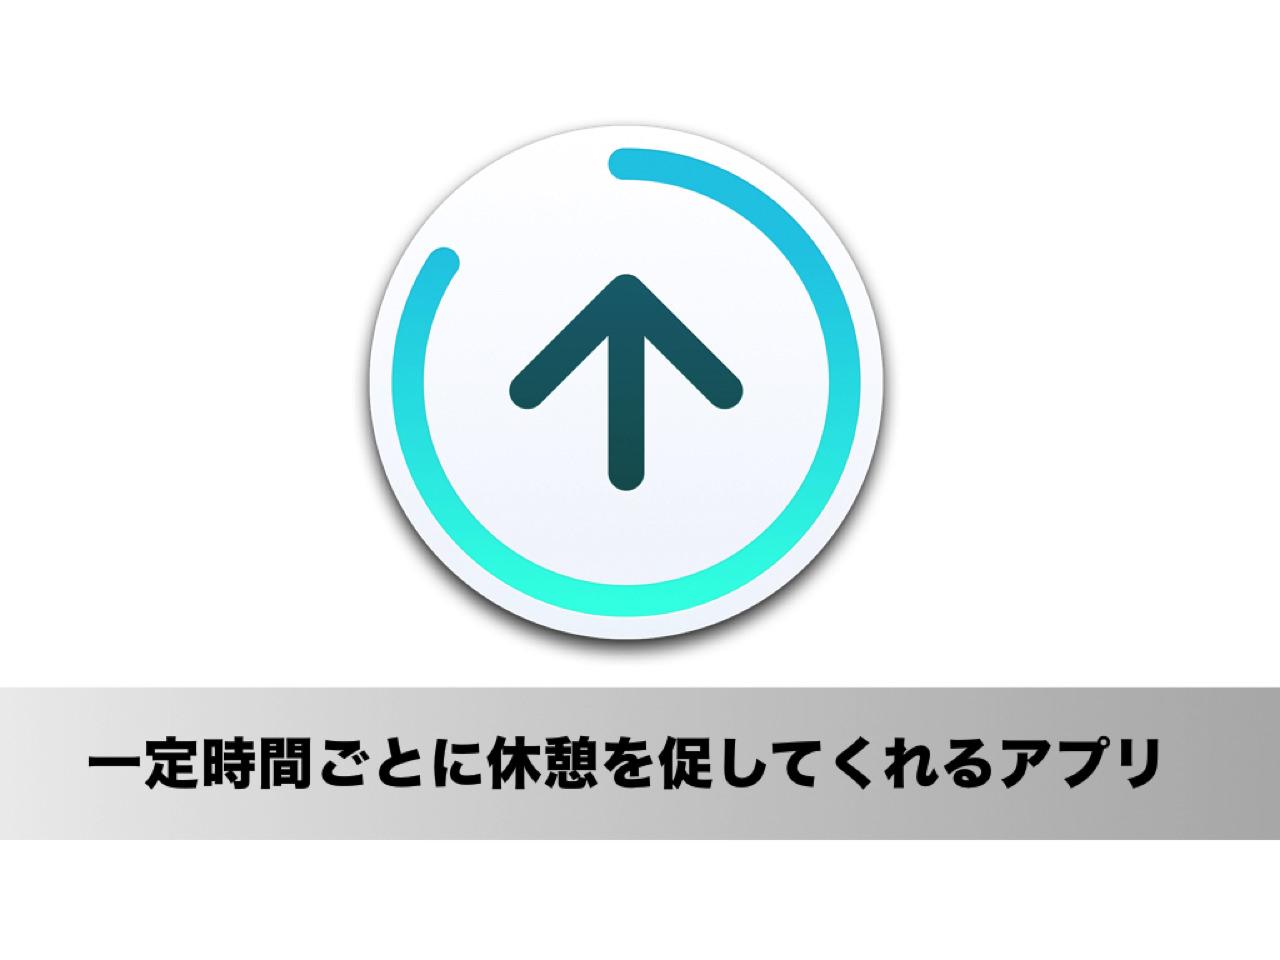 疲労軽減!一定時間ごとに作業の休憩を促してくれるアプリ「Stand for Mac」